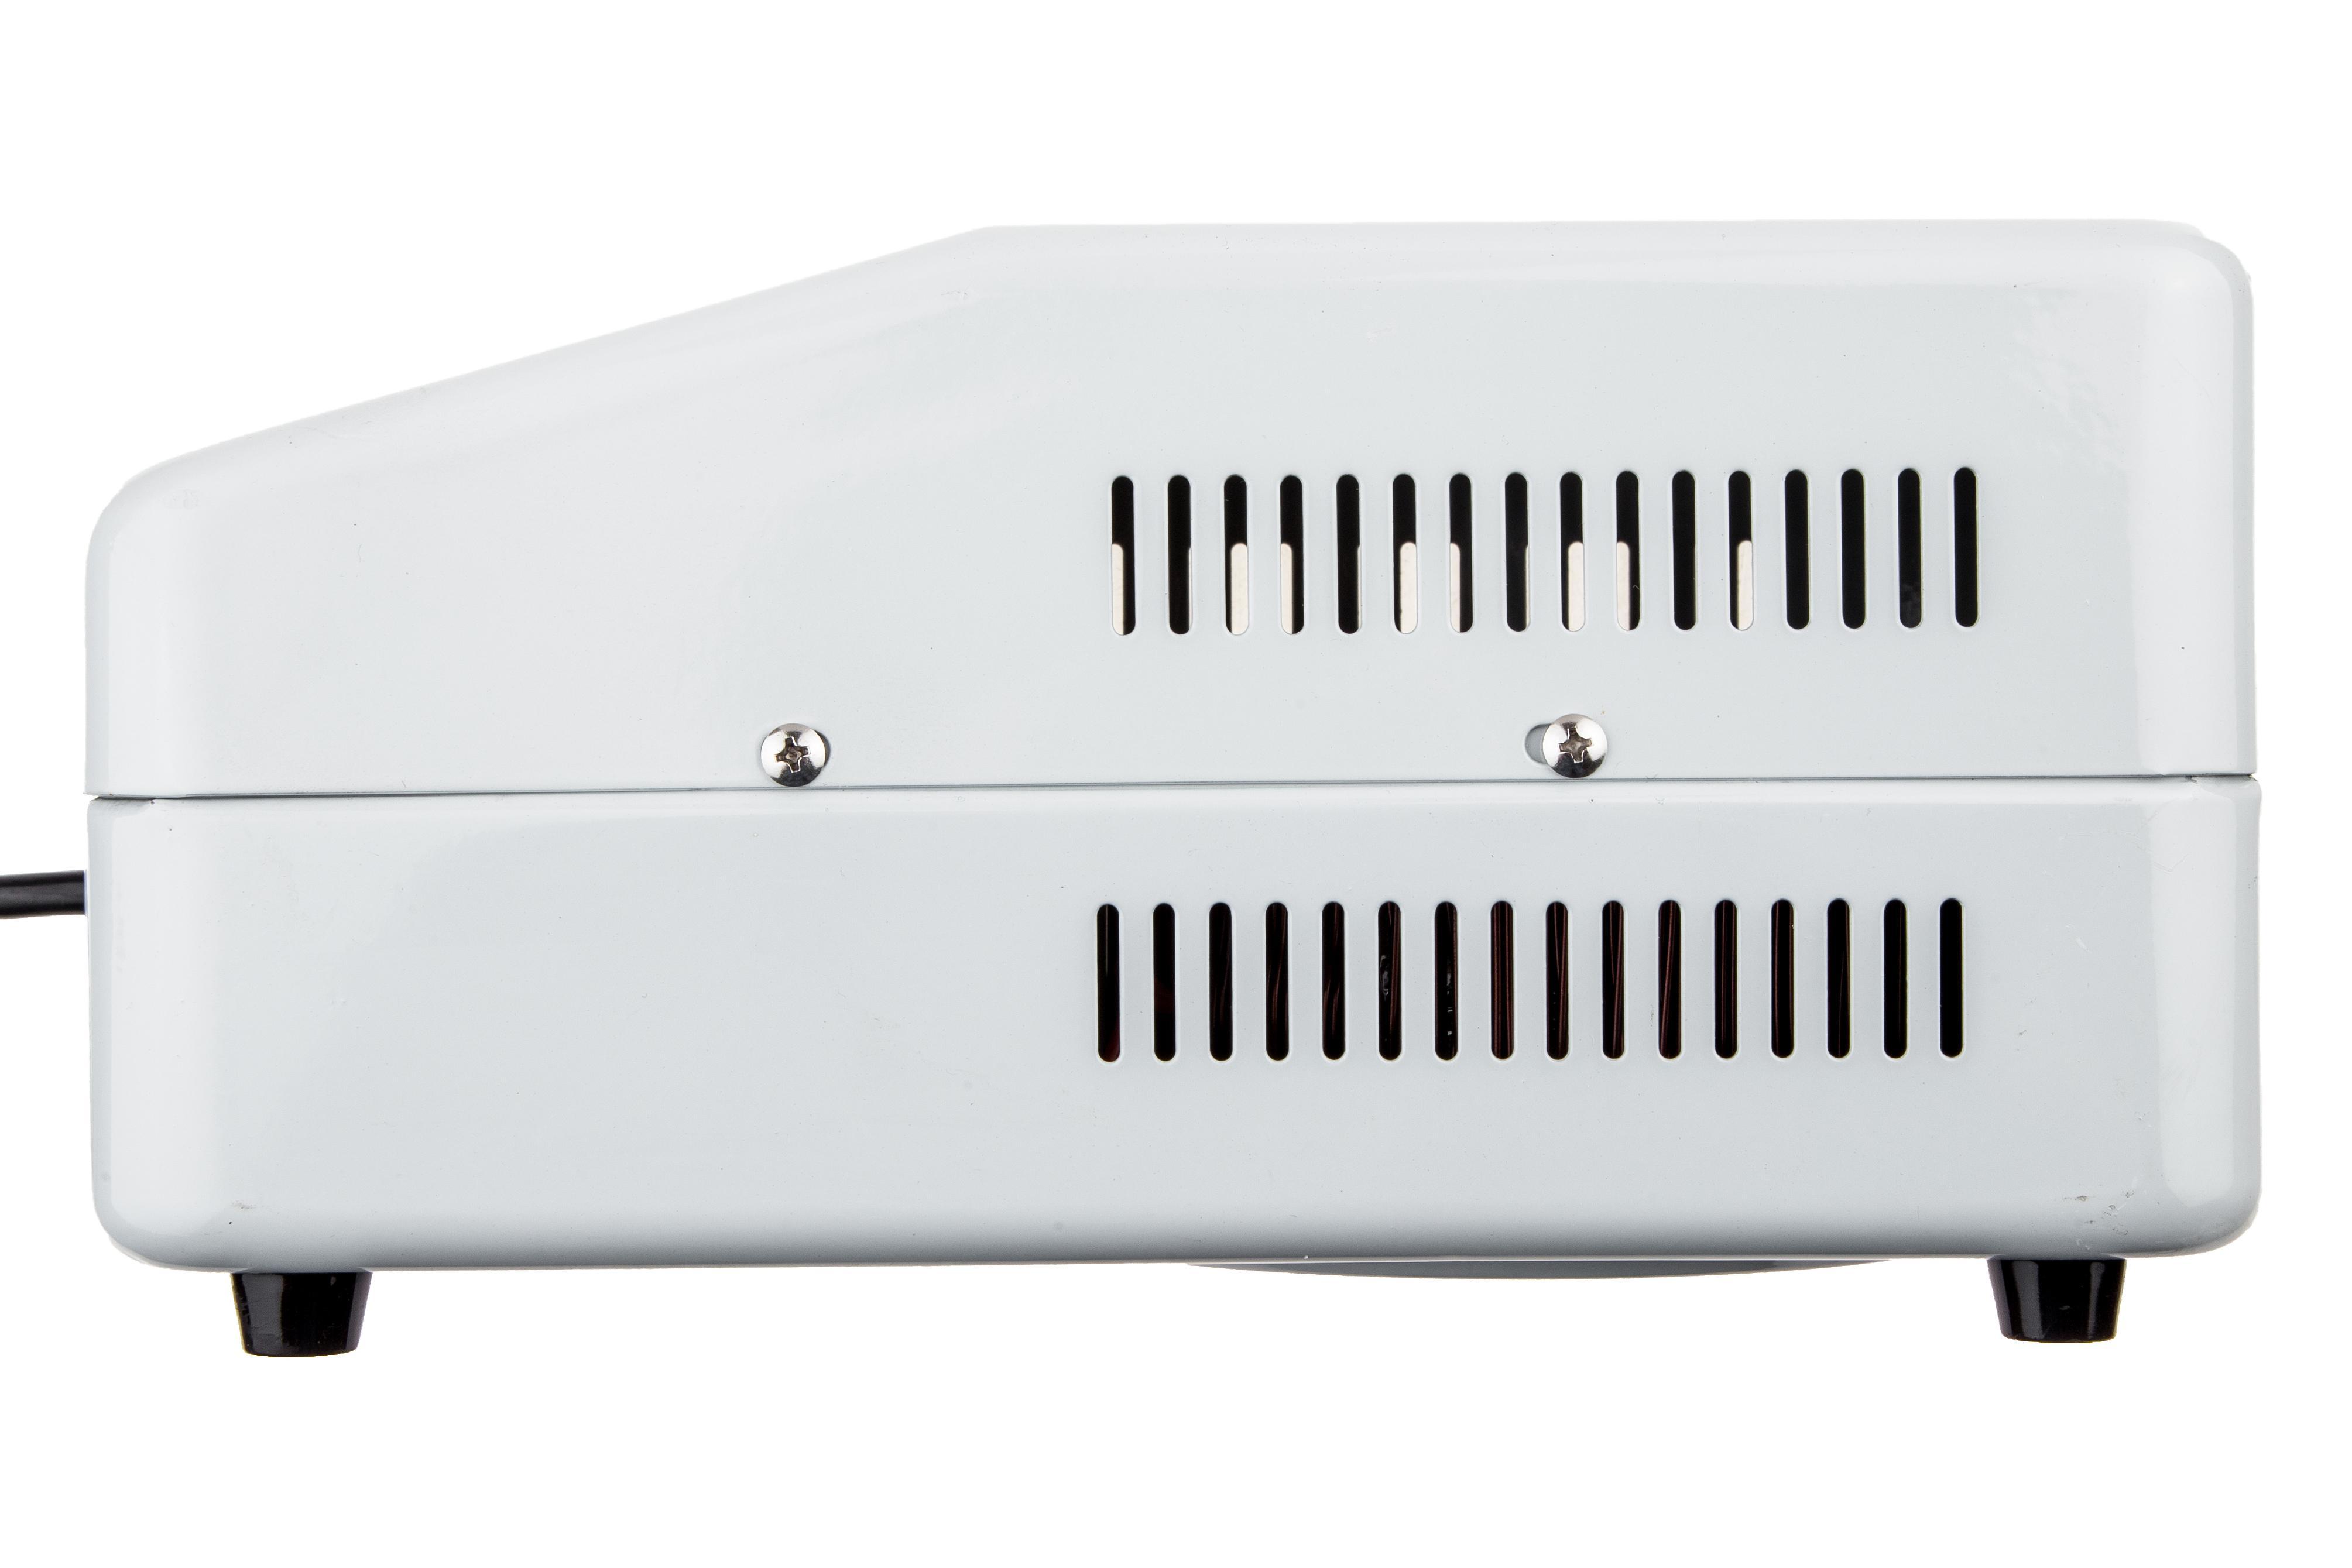 Стабилизатор напряжения Suntek СНЭТ-1500